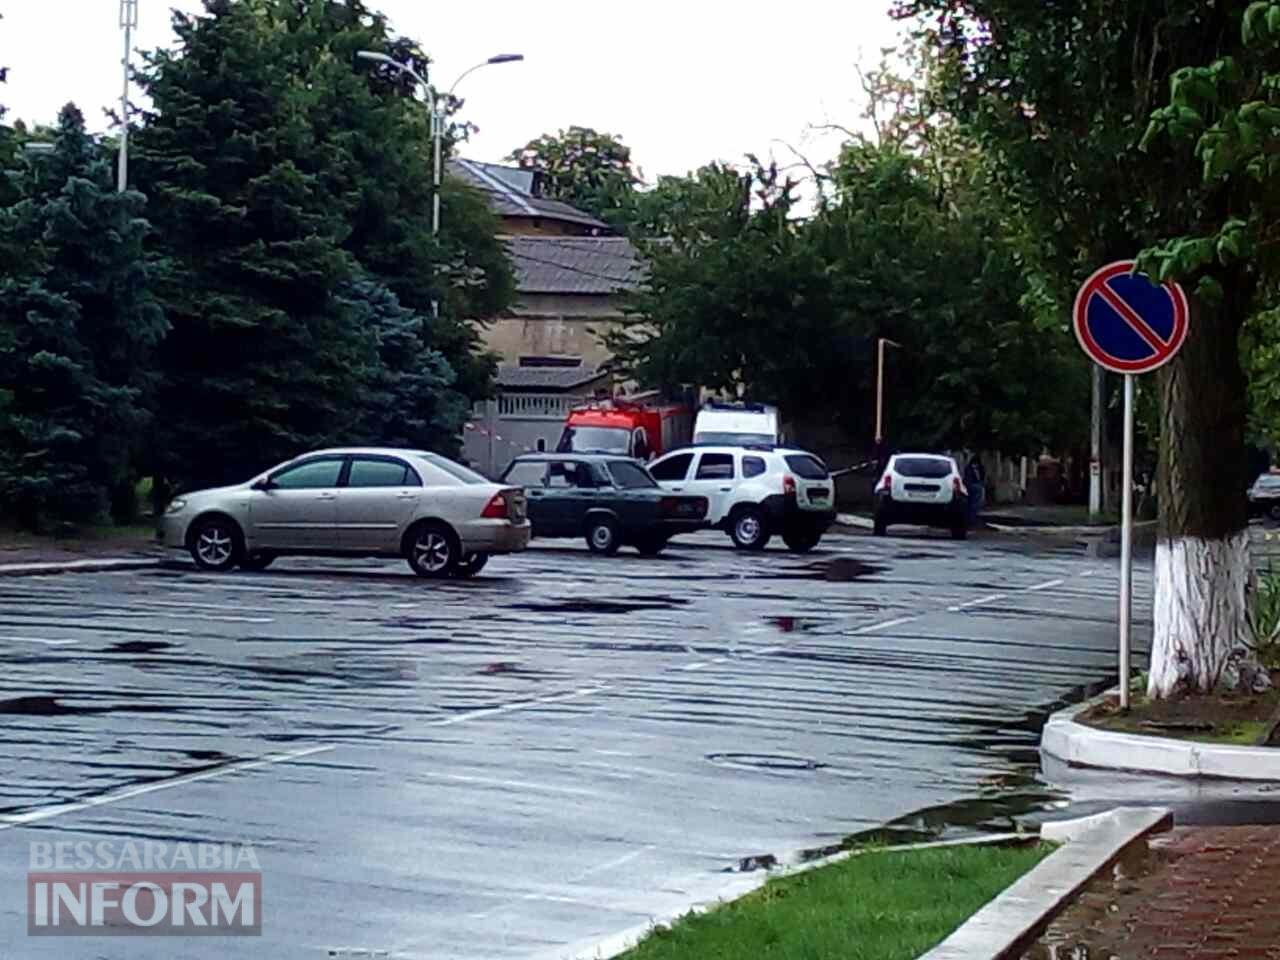 5921577056a4c_457345745734 Антитеррористические учения в Измаиле: возле здания городского совета обнаружен подозрительный предмет